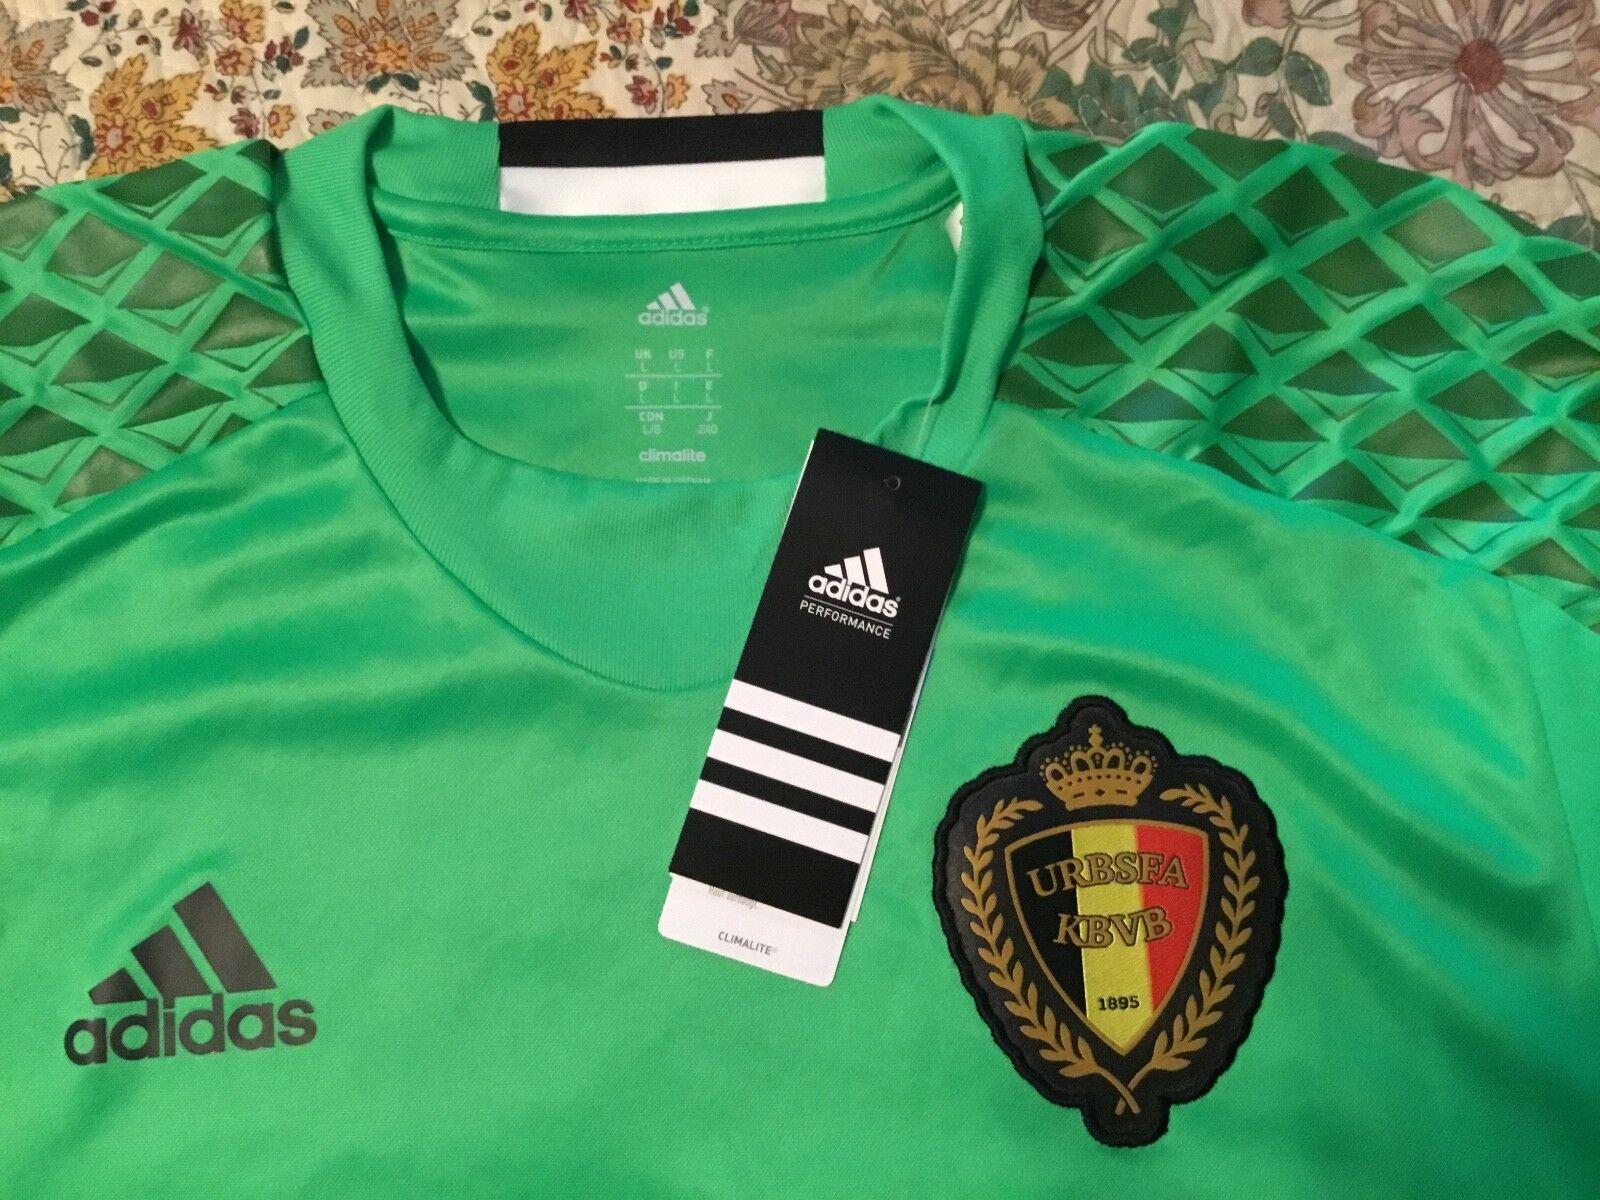 Belgium national soccer team long sleeve goalkeeper  jersey NWT XL,adidas